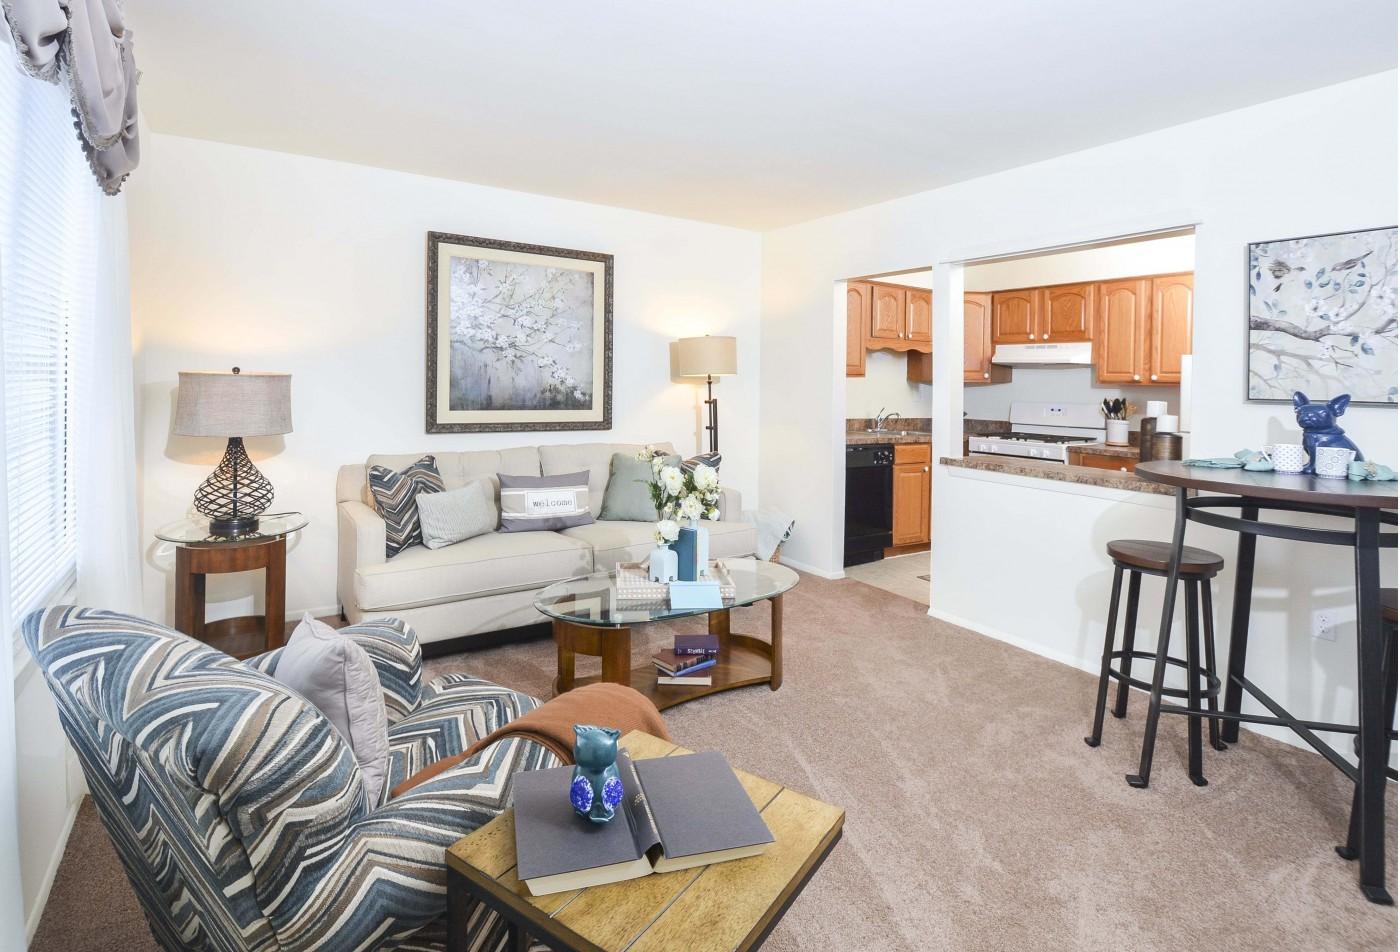 Apartments in Carlisle Pennsylvania | Carlisle Park